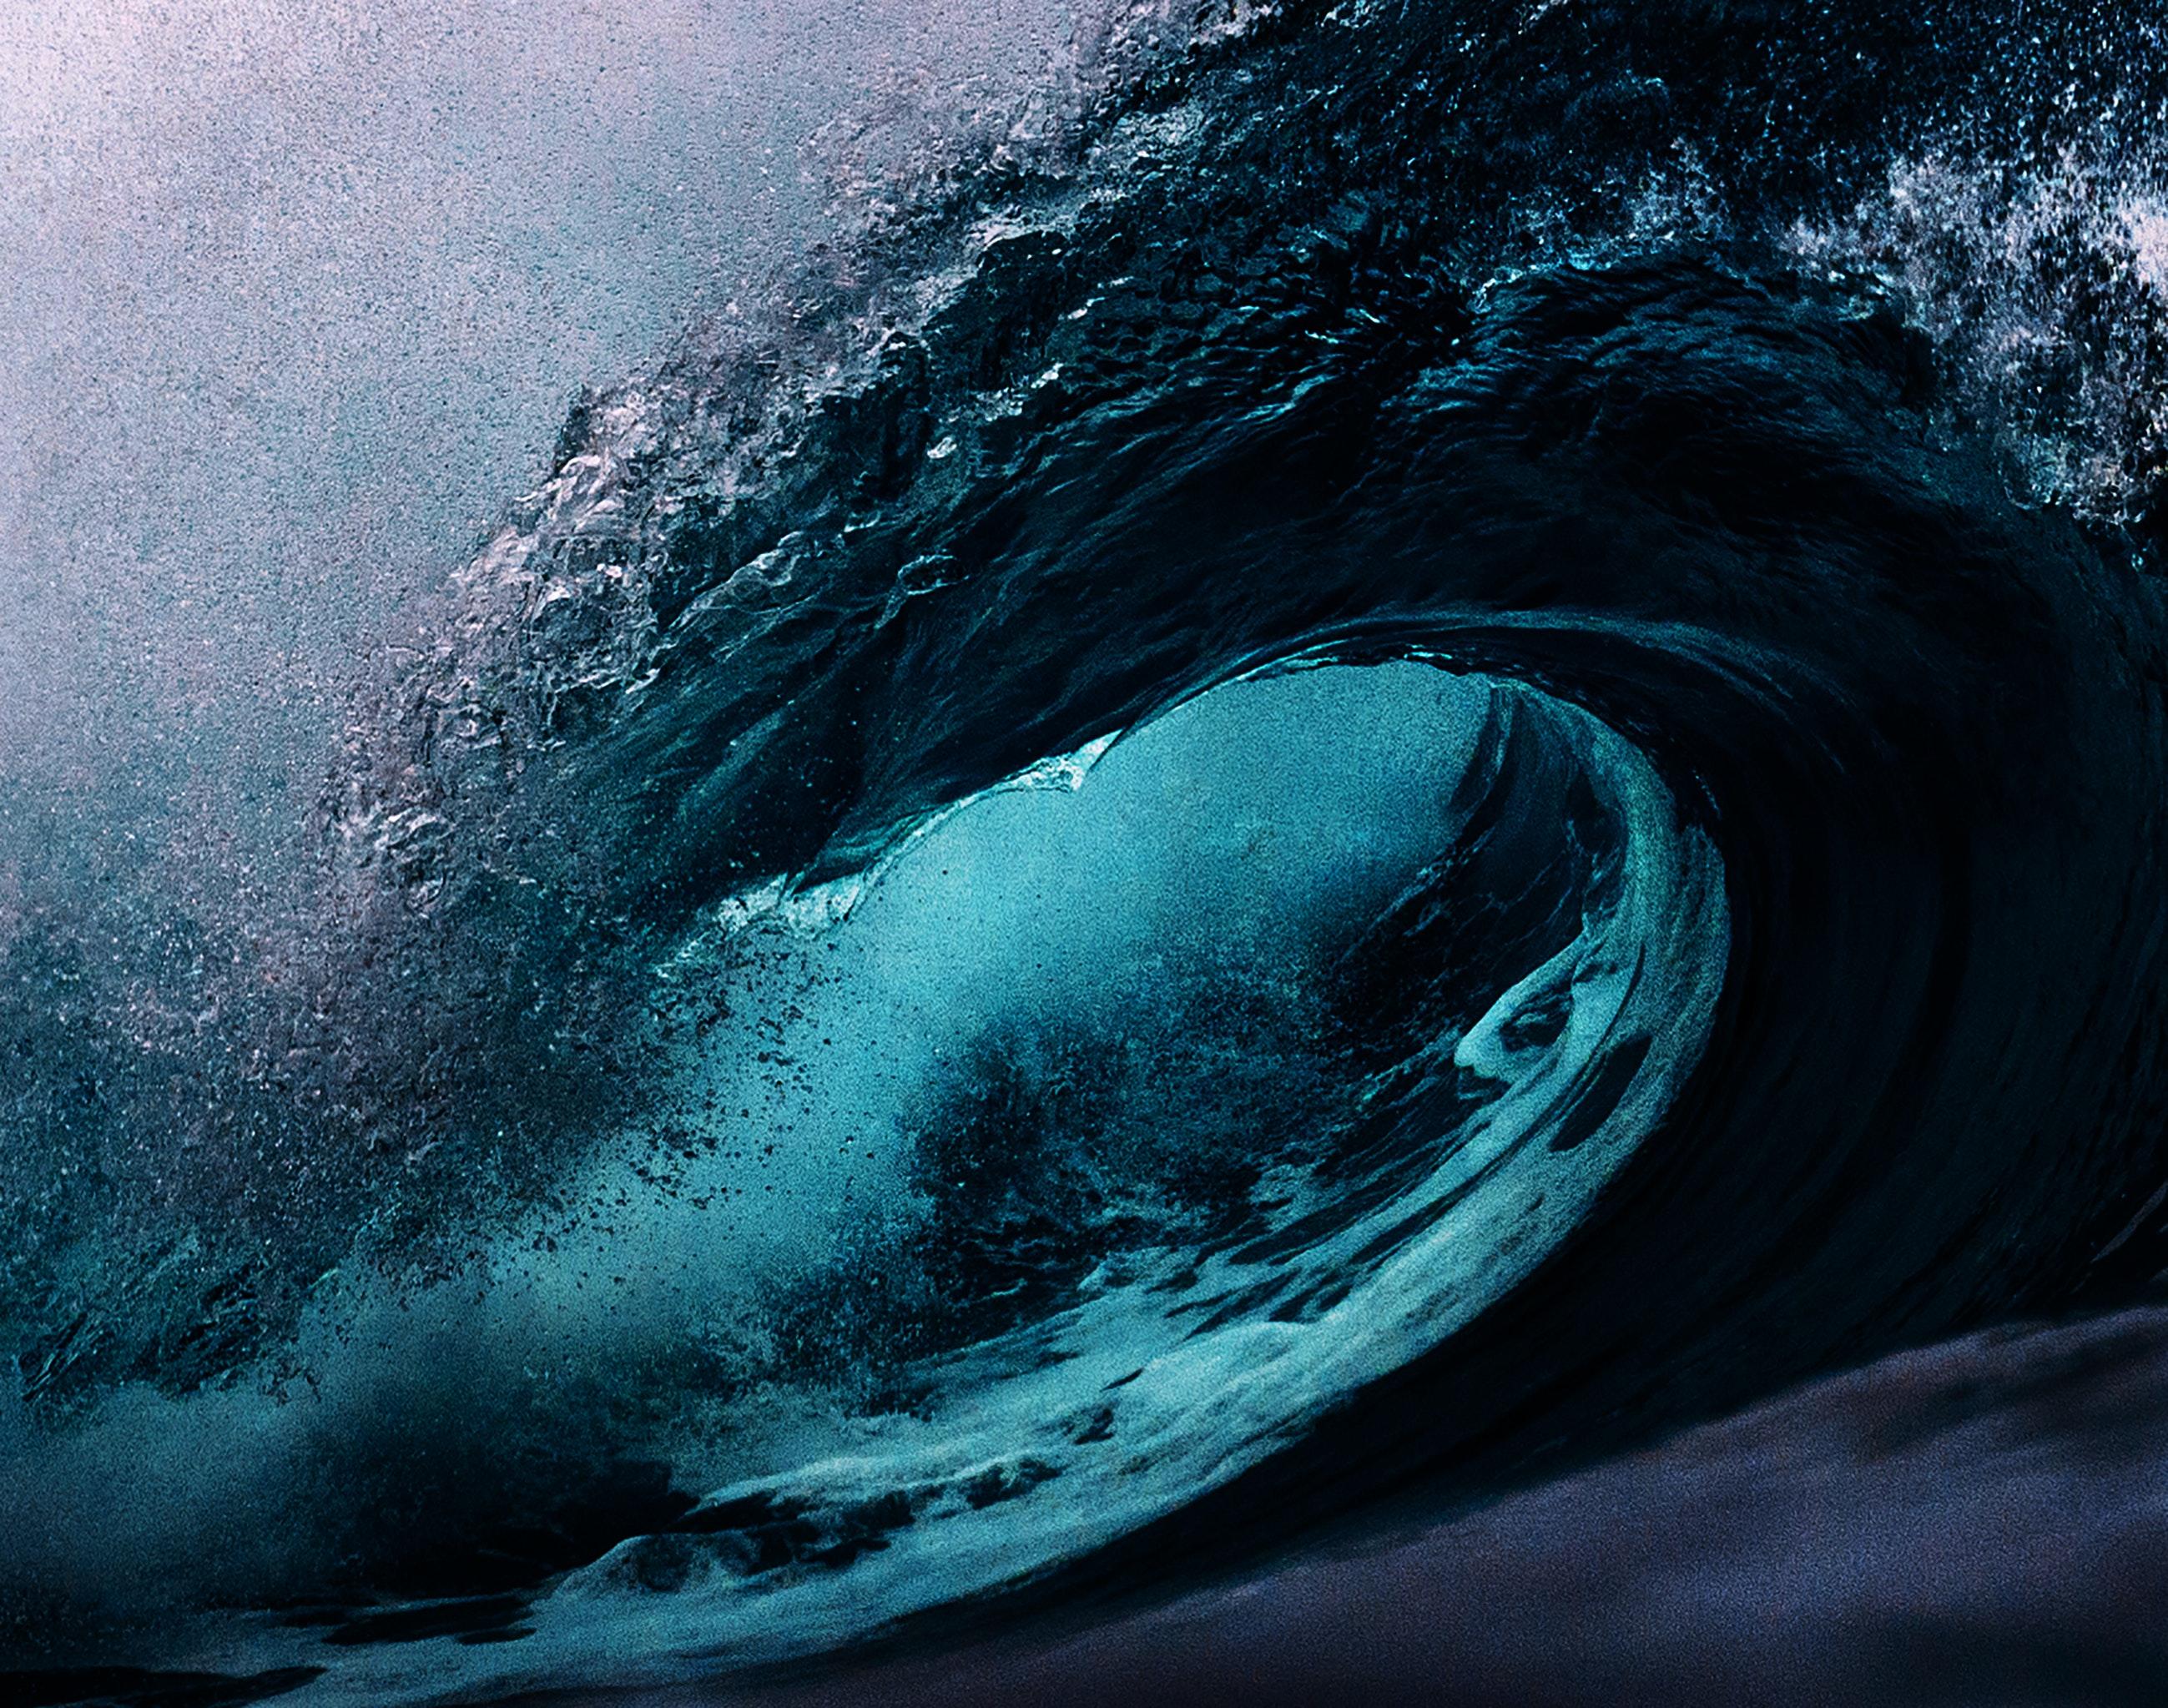 A photograph of an ocean wave